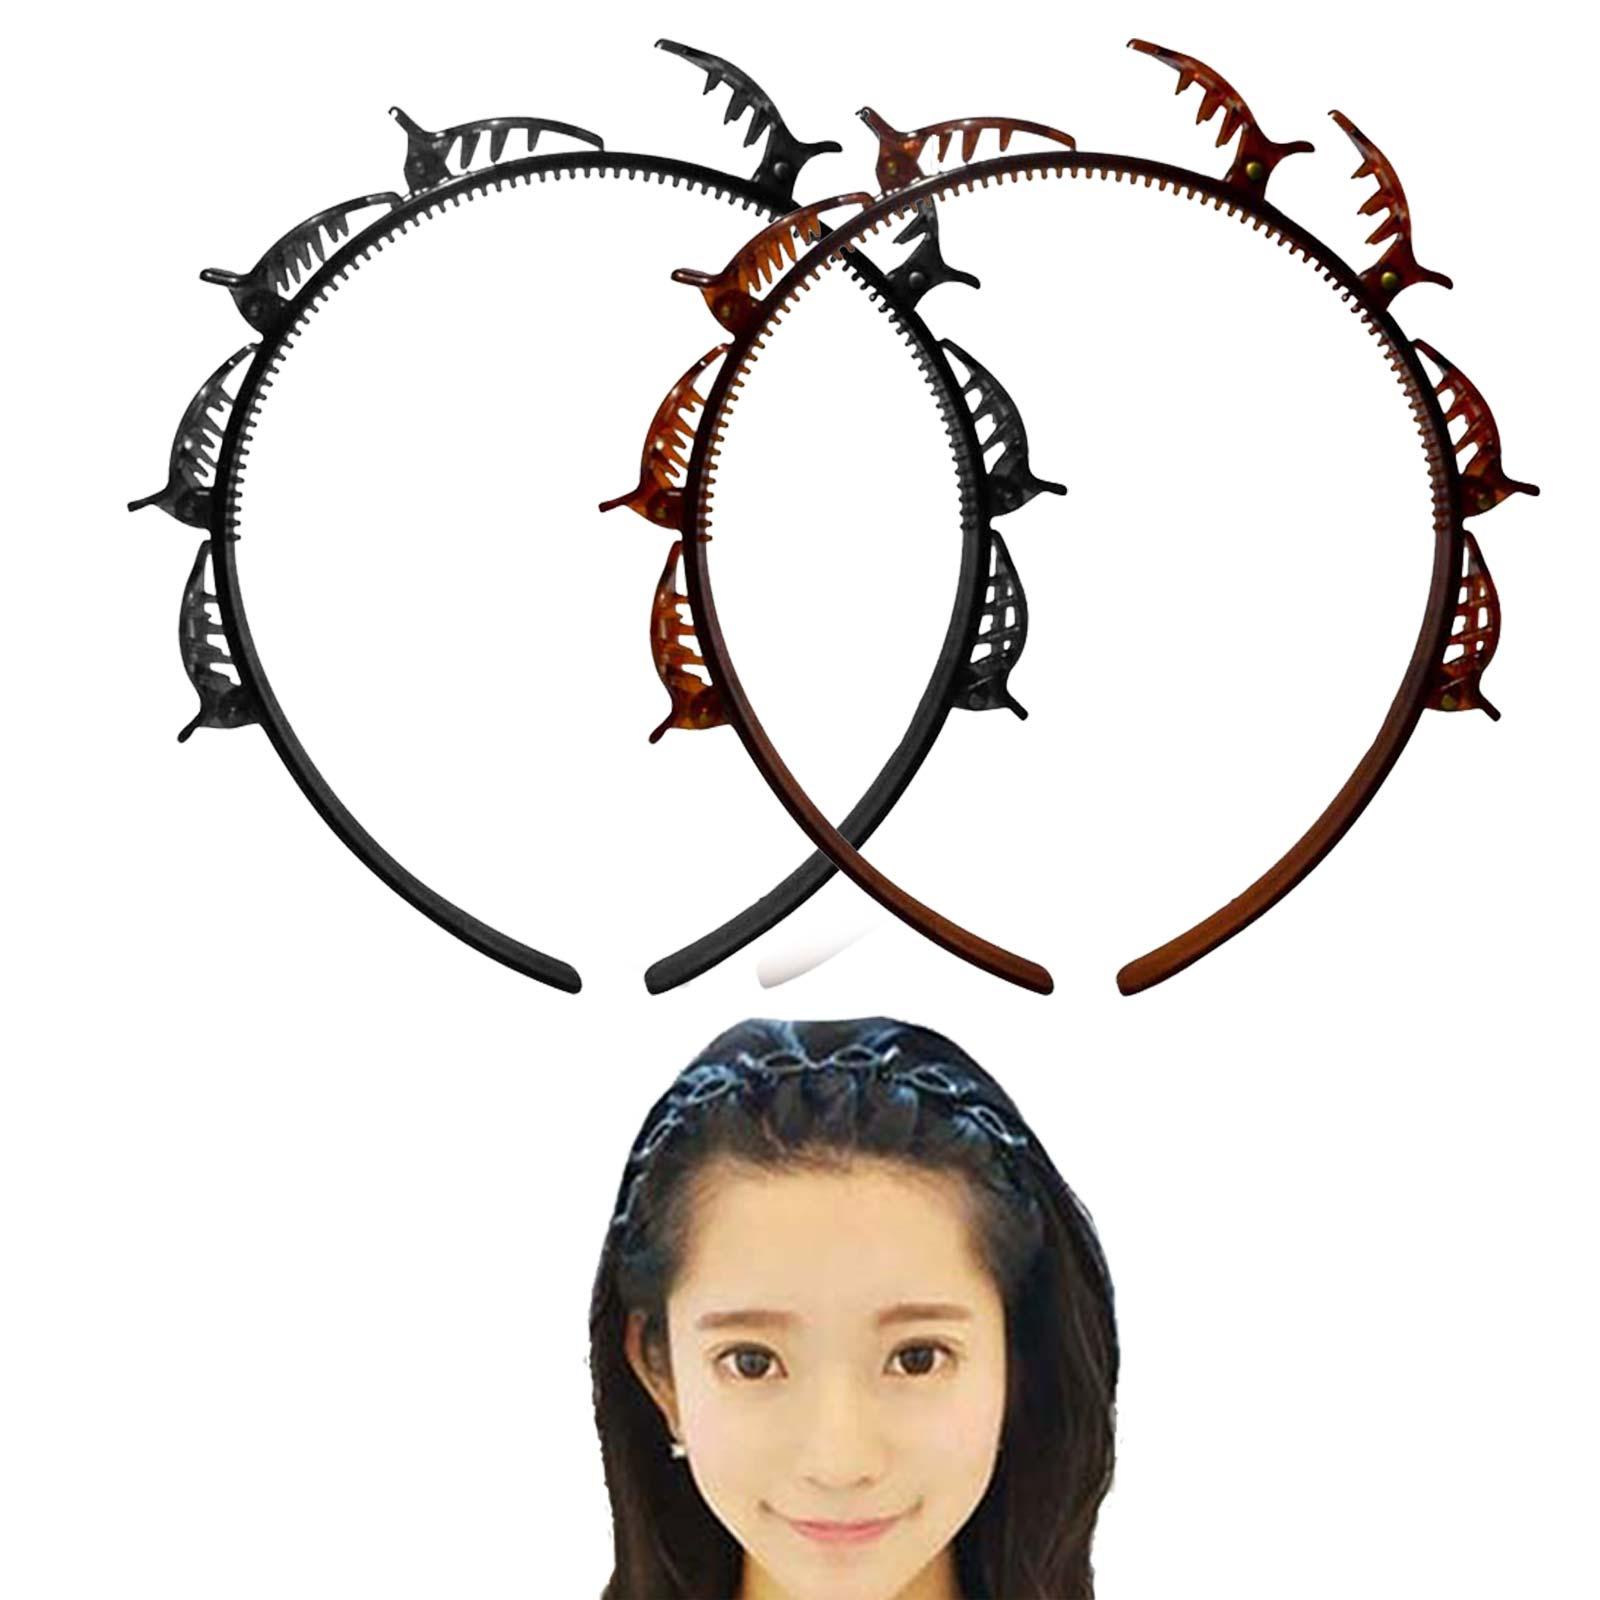 Acessório de cabelo - Tiara com presilhas Hair Twister